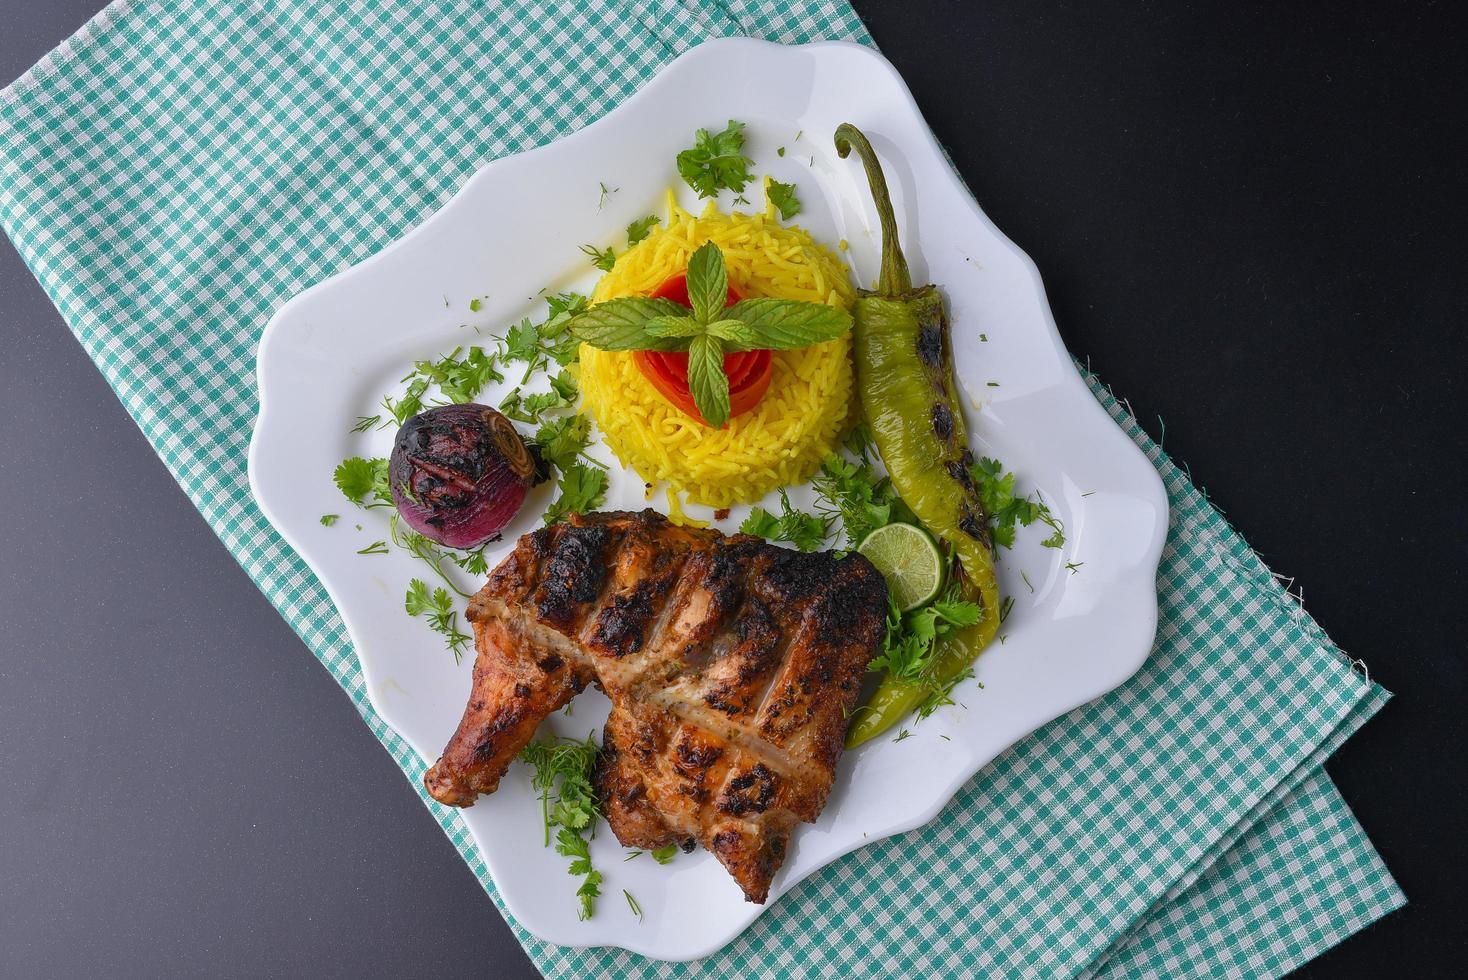 plaat van gegrilde kip met zijkanten foto